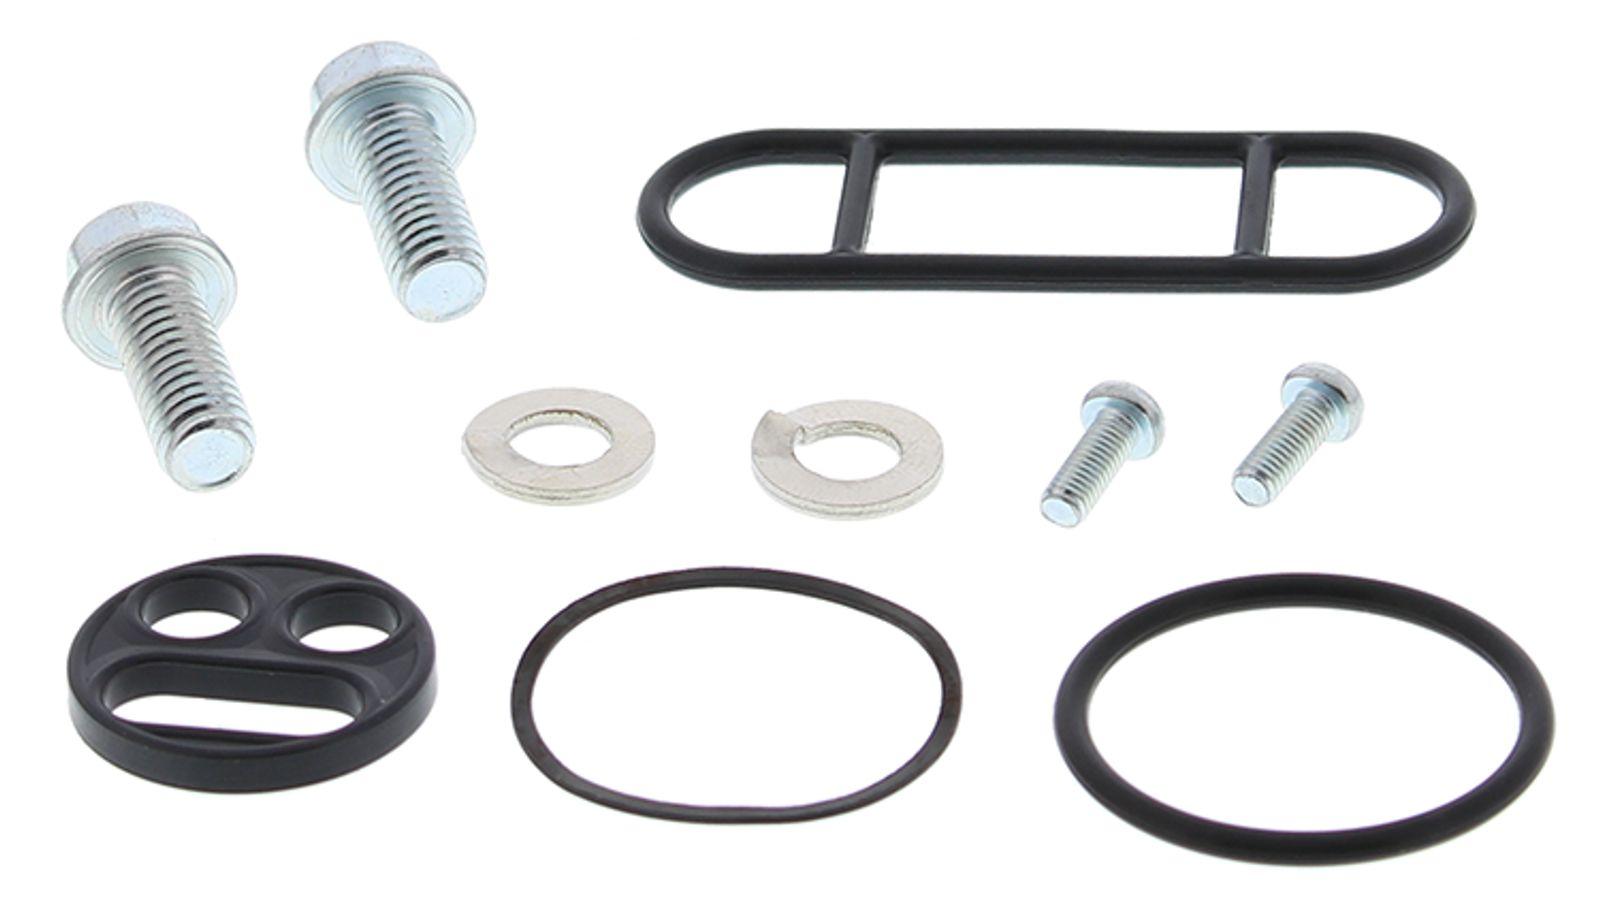 Wrp Fuel Tap Repair Kits - WRP601012 image